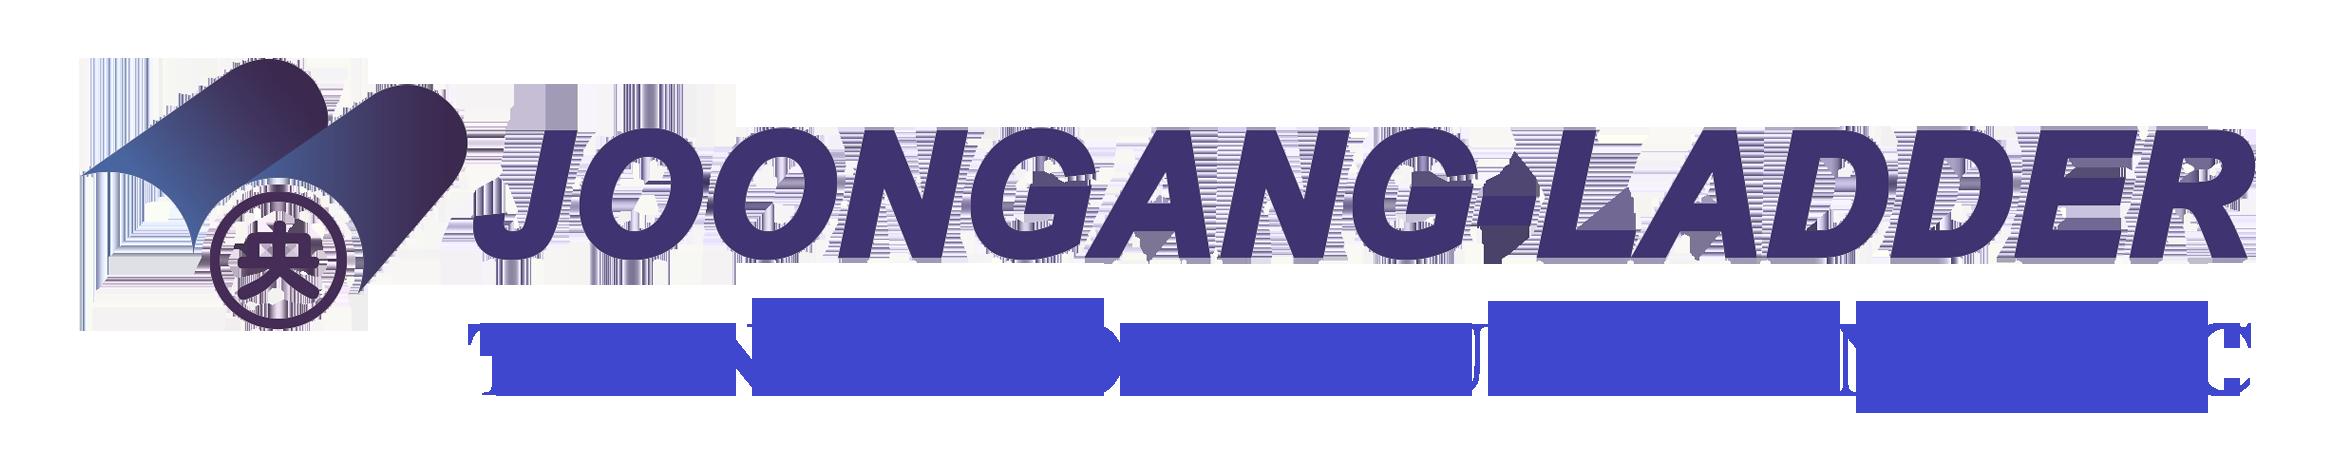 Thang nhôm Hàn quốc loại nào tốt